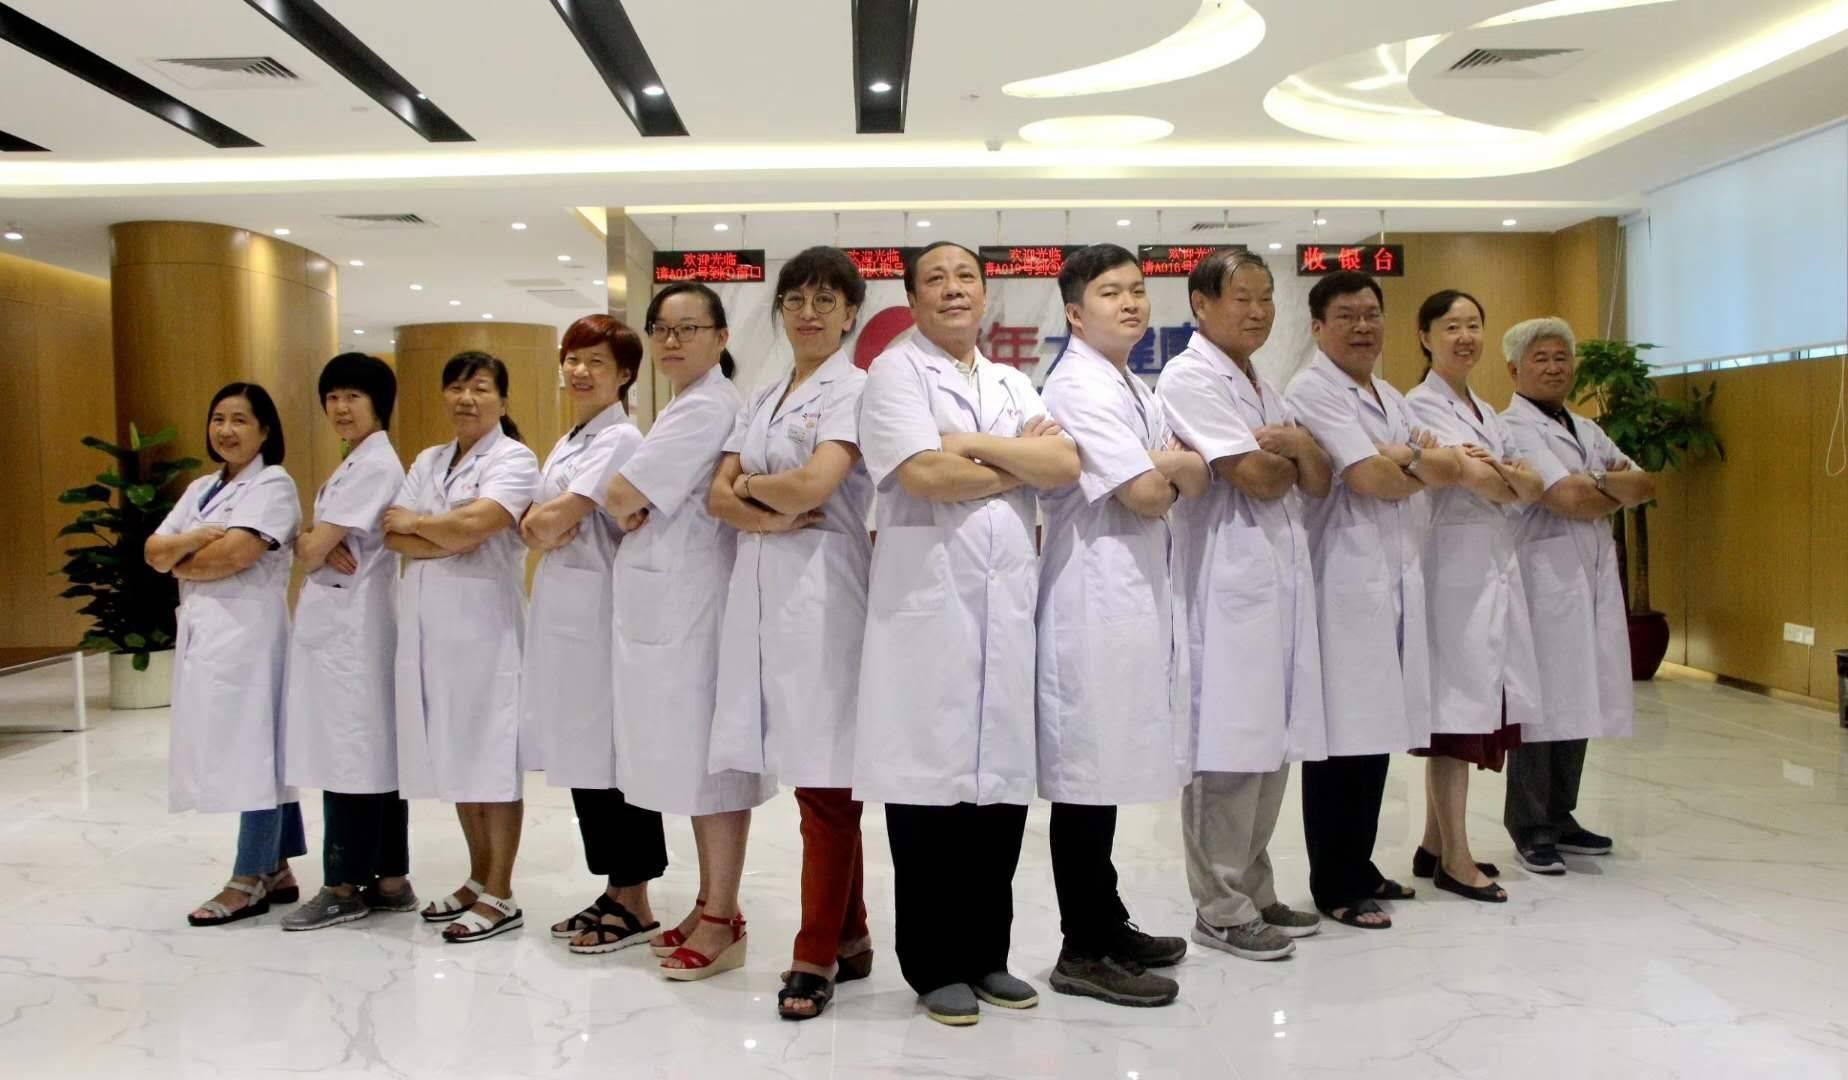 【华东88店全身体检】有效期一整年!568元抢2180元美年大健康体检套餐,未病先防,排除健康隐患。